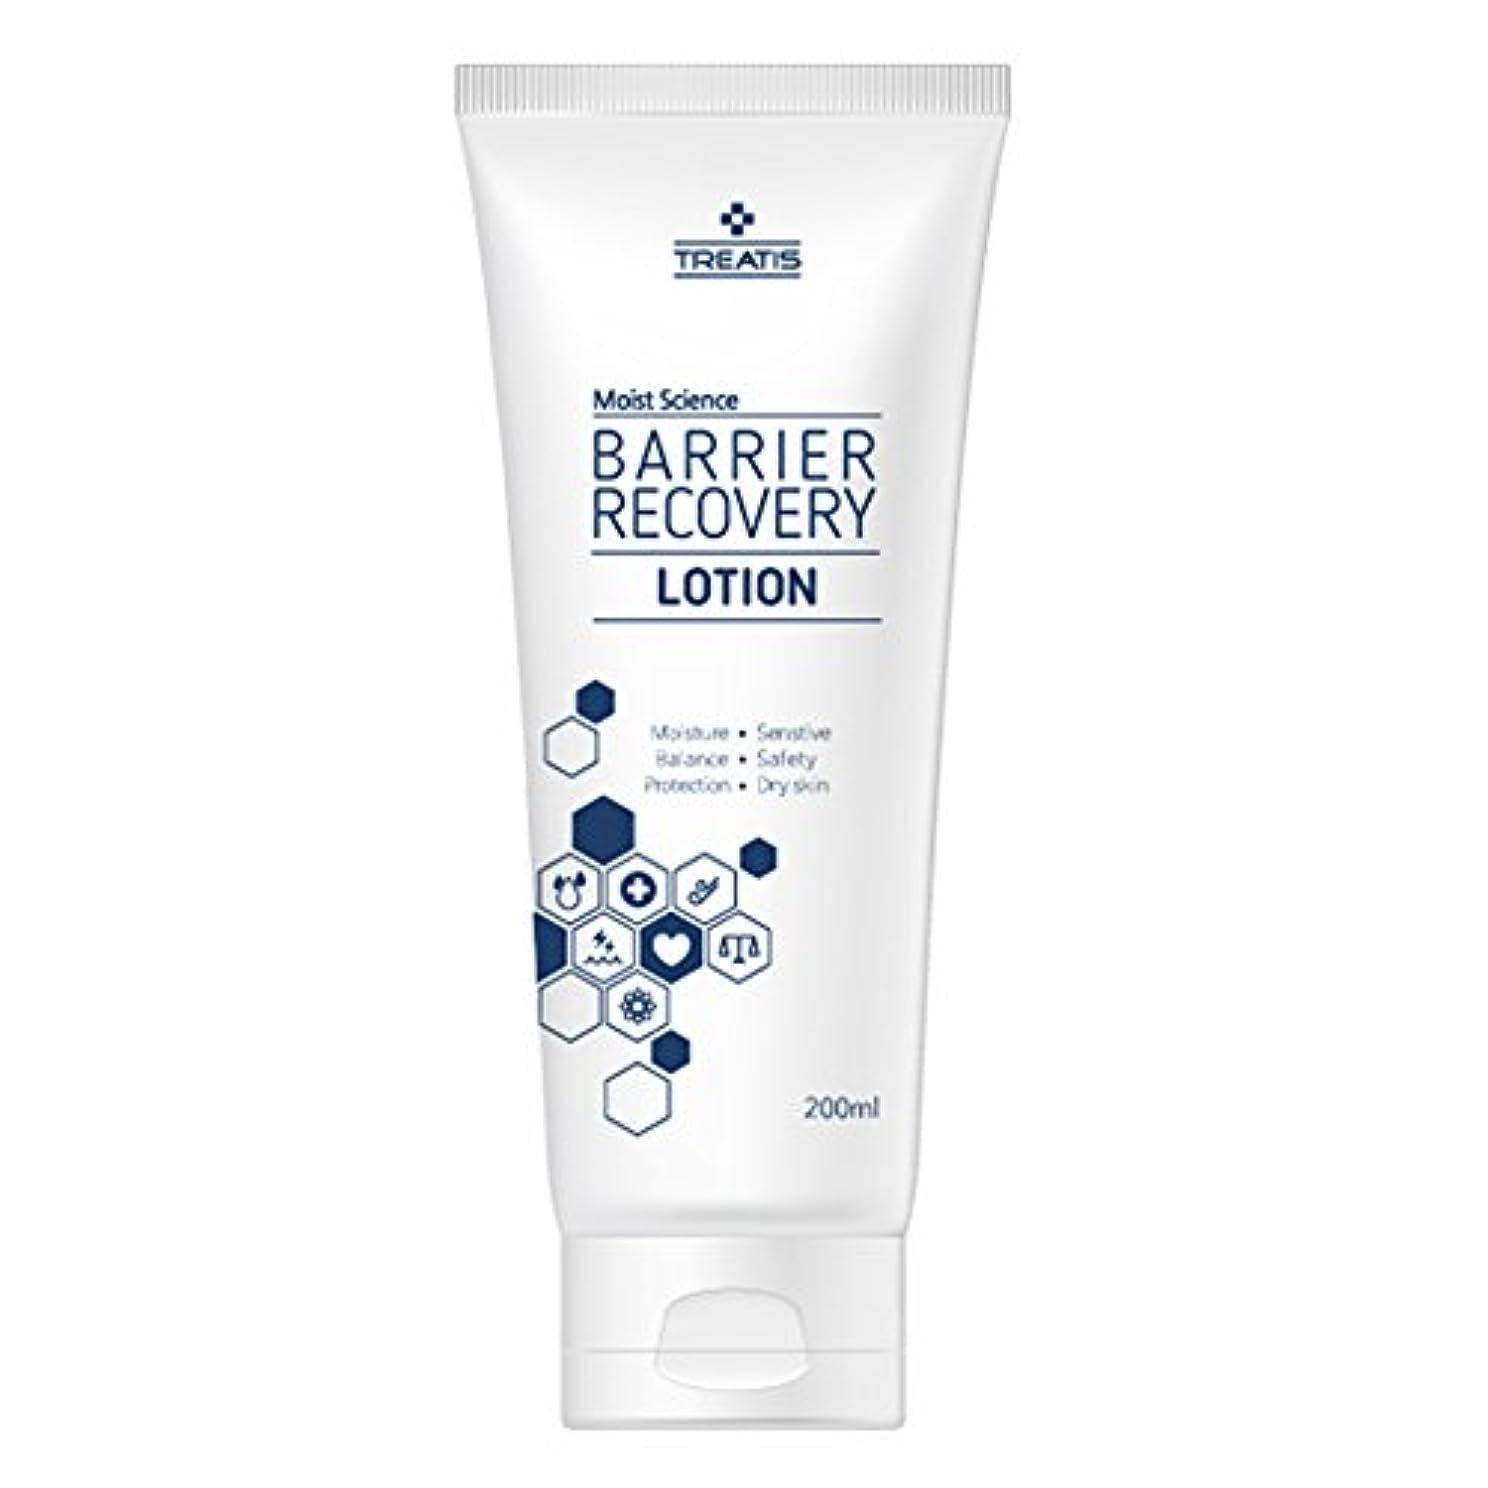 弾薬品インセンティブTreatis barrier recovery lotion 7oz (200ml)/Moisture, Senstive, Balance, Safty, Protection, Dry skin [並行輸入品]